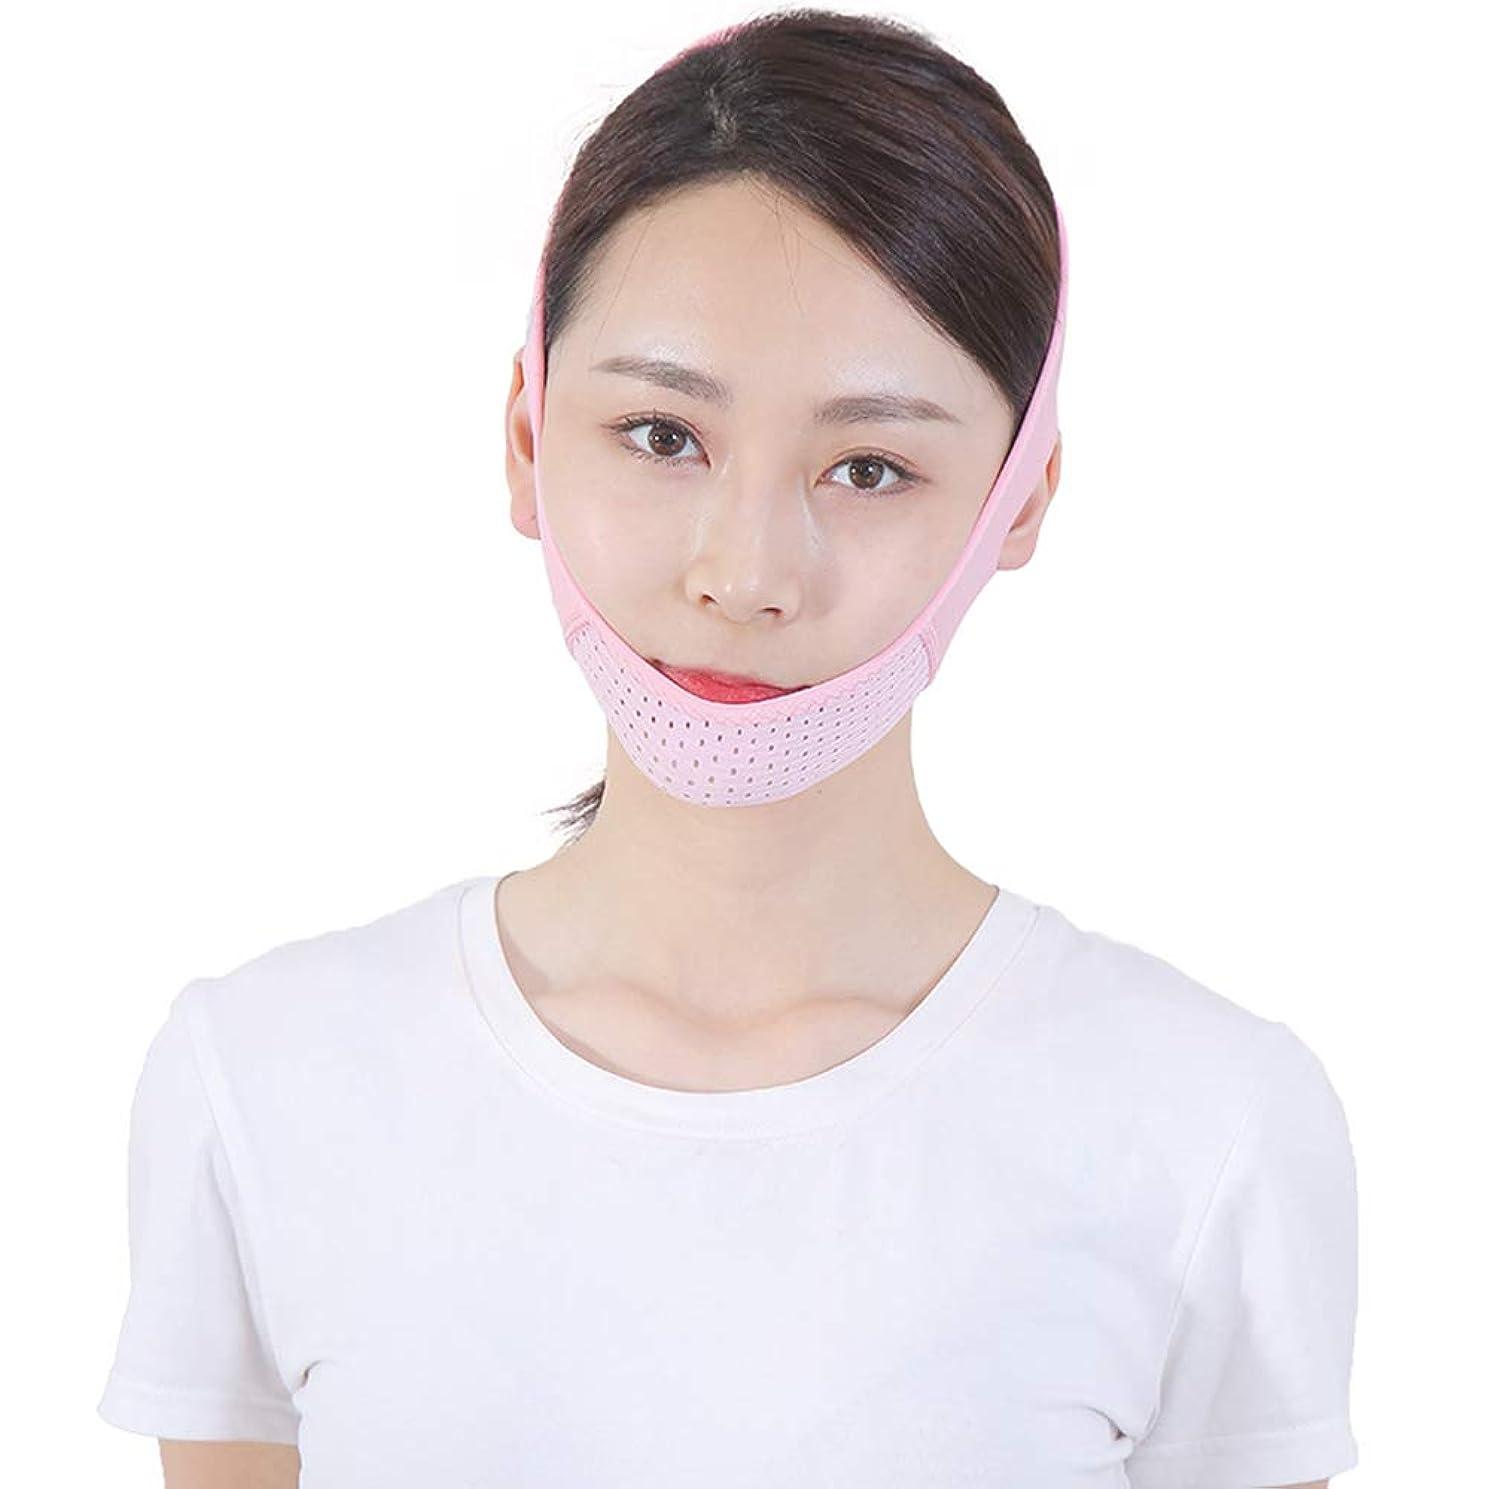 肥満戻る我慢するGYZ フェイシャルリフティング痩身ベルトフェイススリムゲットダブルチンアンチエイジングリンクルフェイスバンデージマスクシェイピングマスク顔を引き締めるダブルチンワークアウト Thin Face Belt